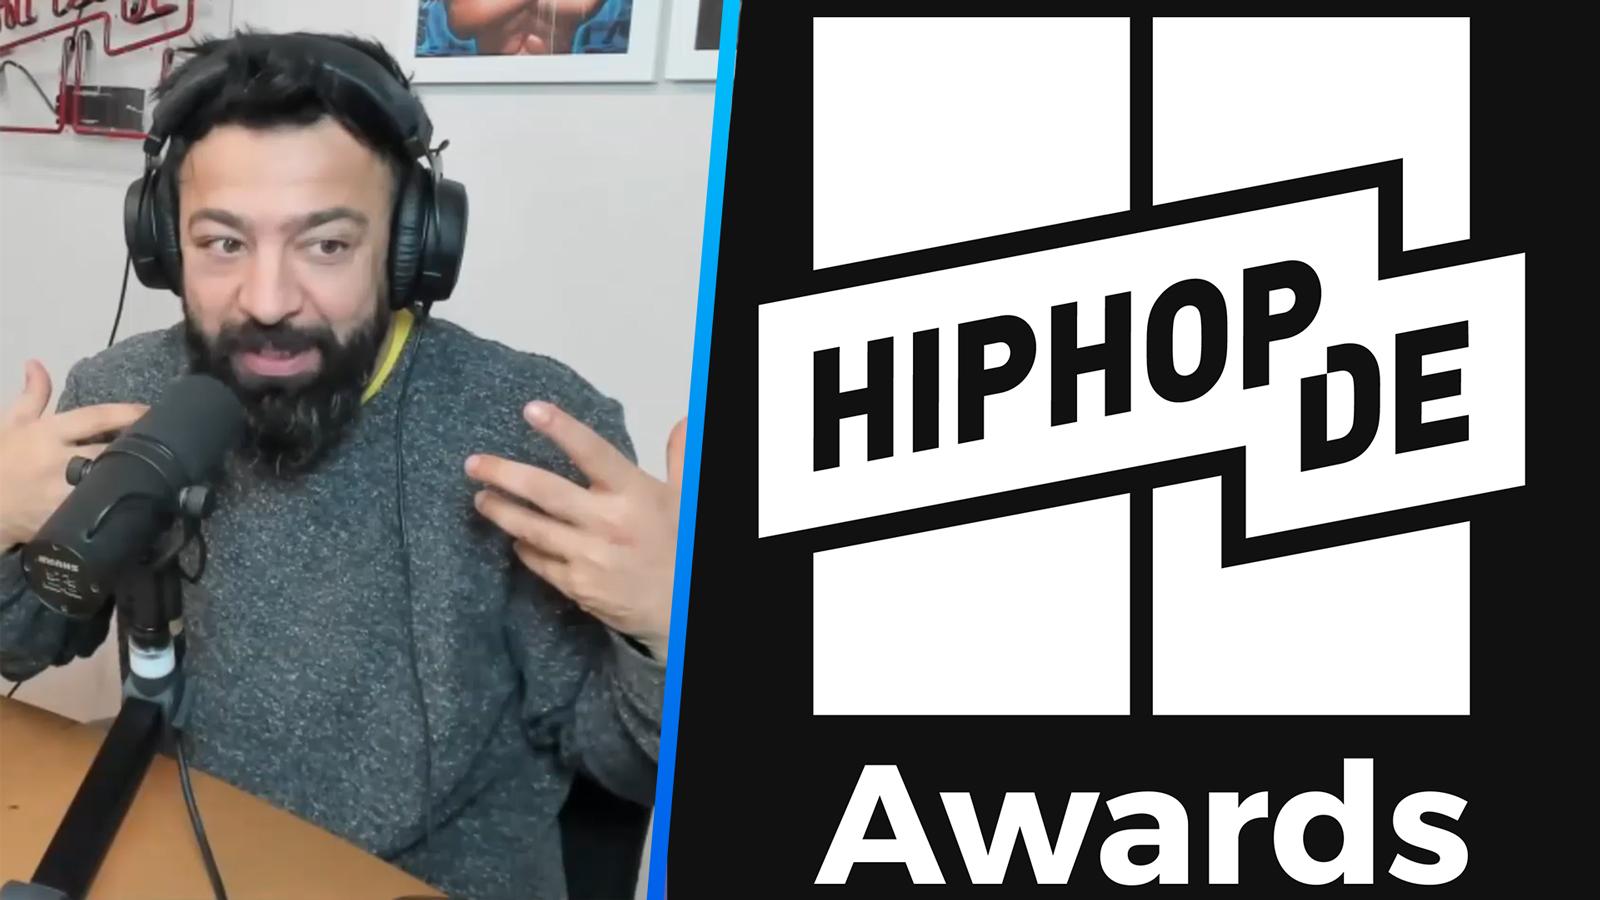 Wer gehört zur Jury und warum nicht Rooz?! Hiphop.de Awards 2020   Rooz Reagiert